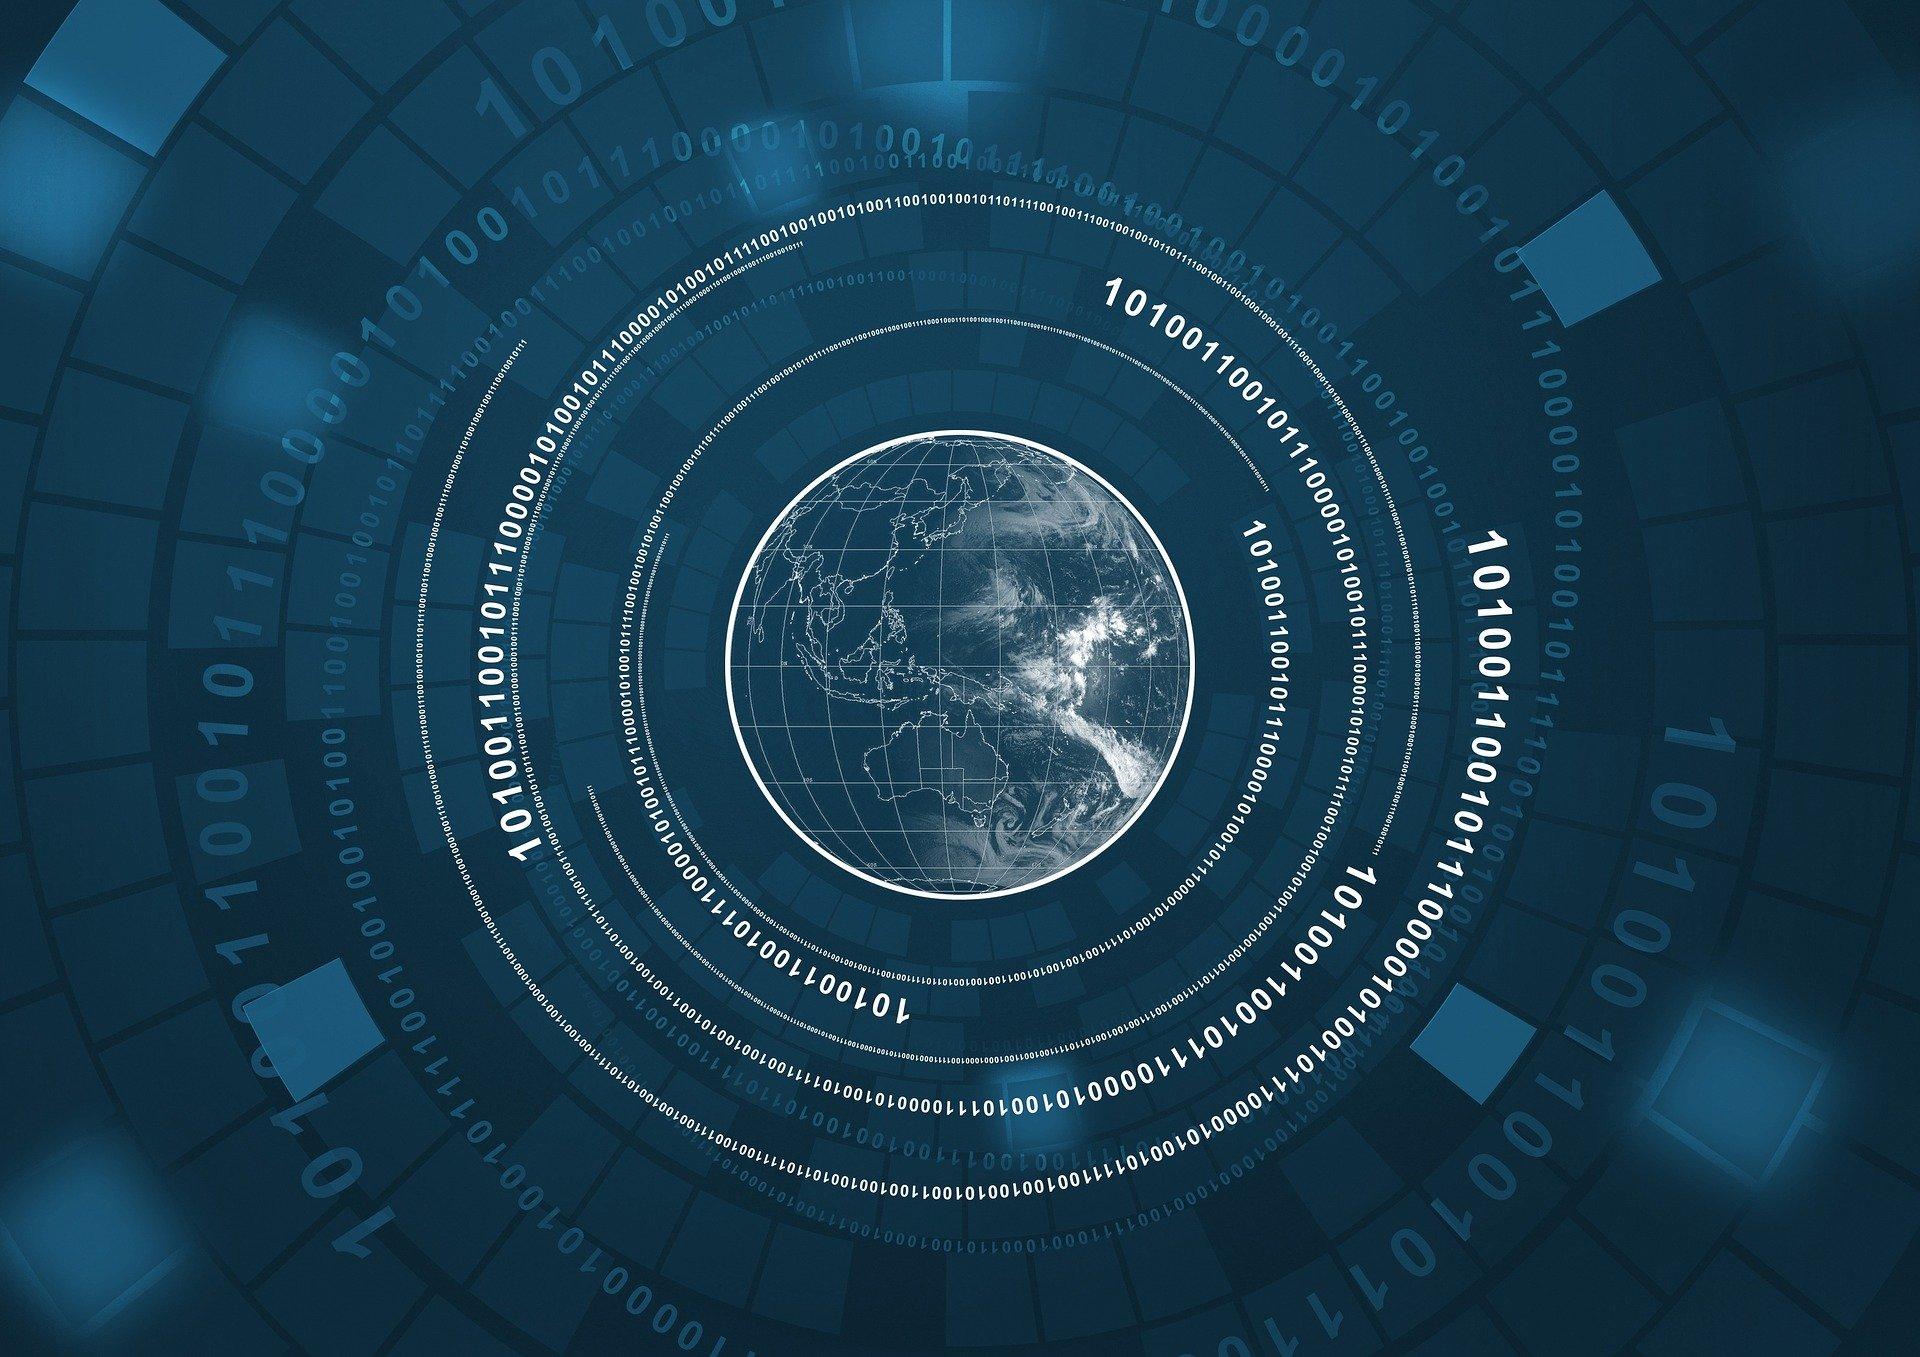 Cyber Security Raad: Nederland dreigt grip op digitale wereld te verliezen